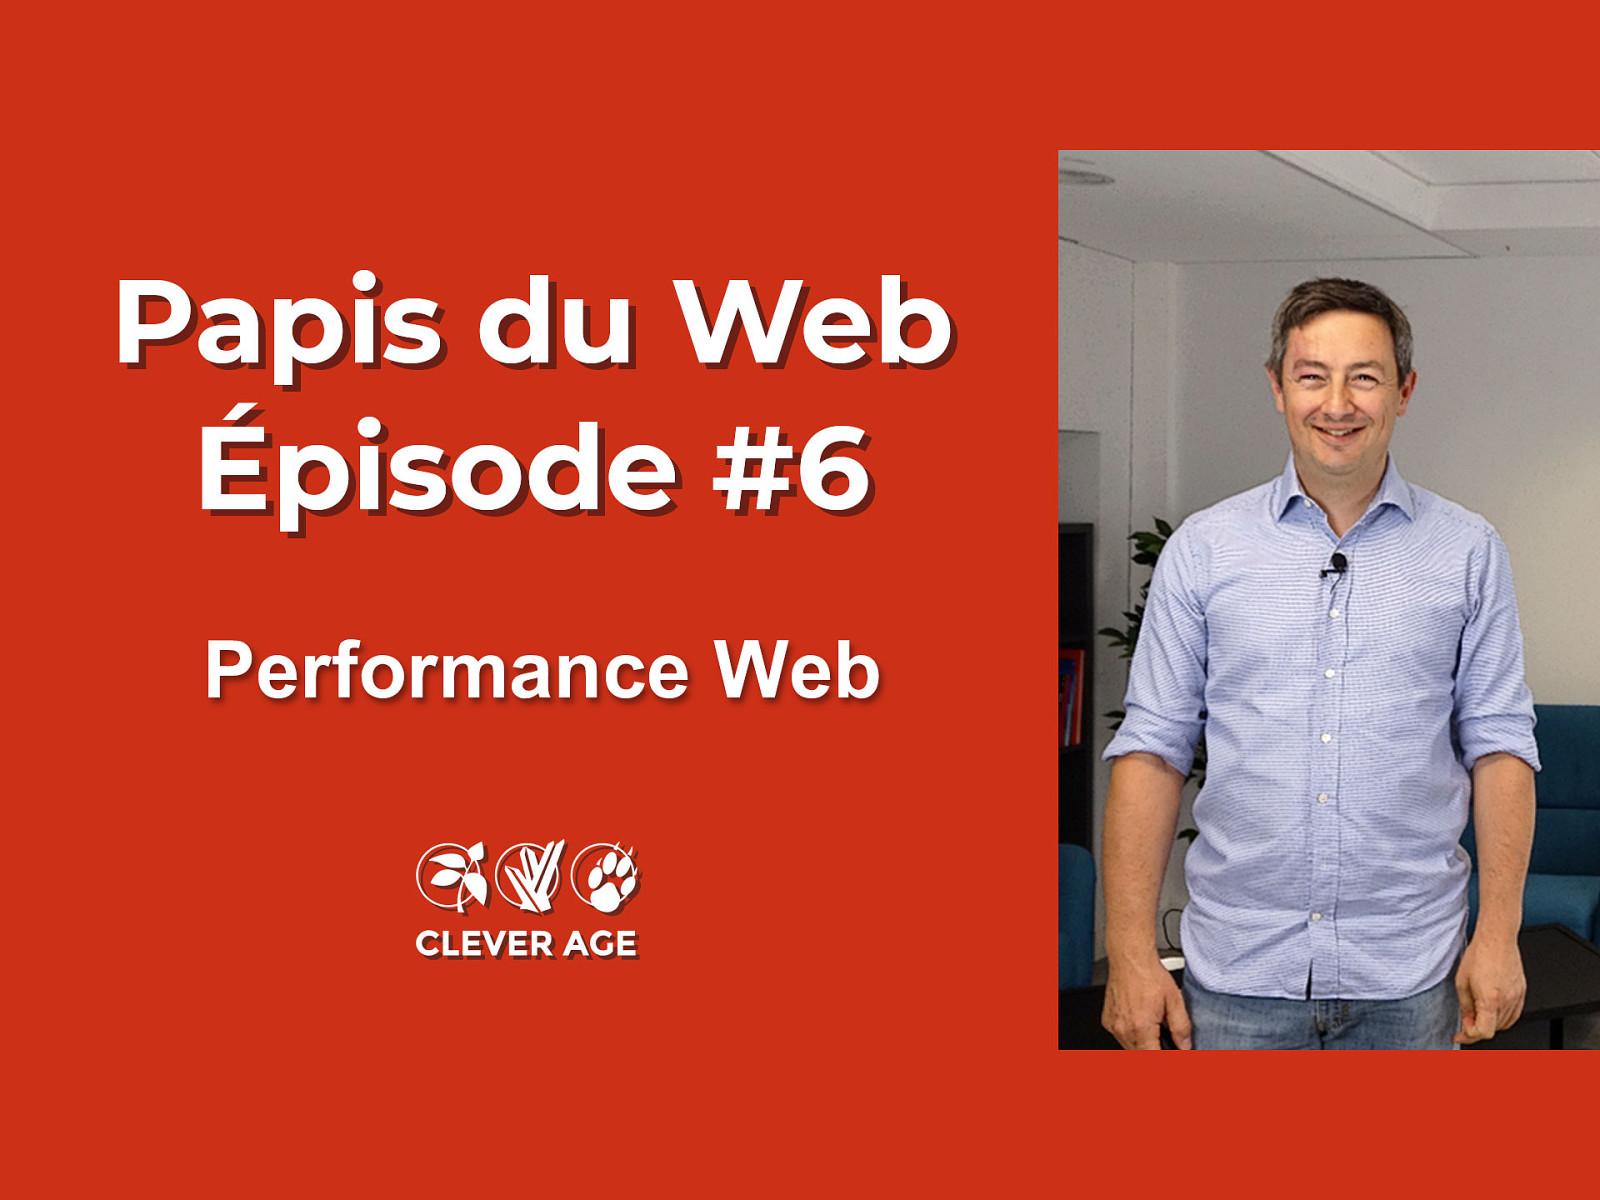 Papis du Web épisode #6 - Performance Web